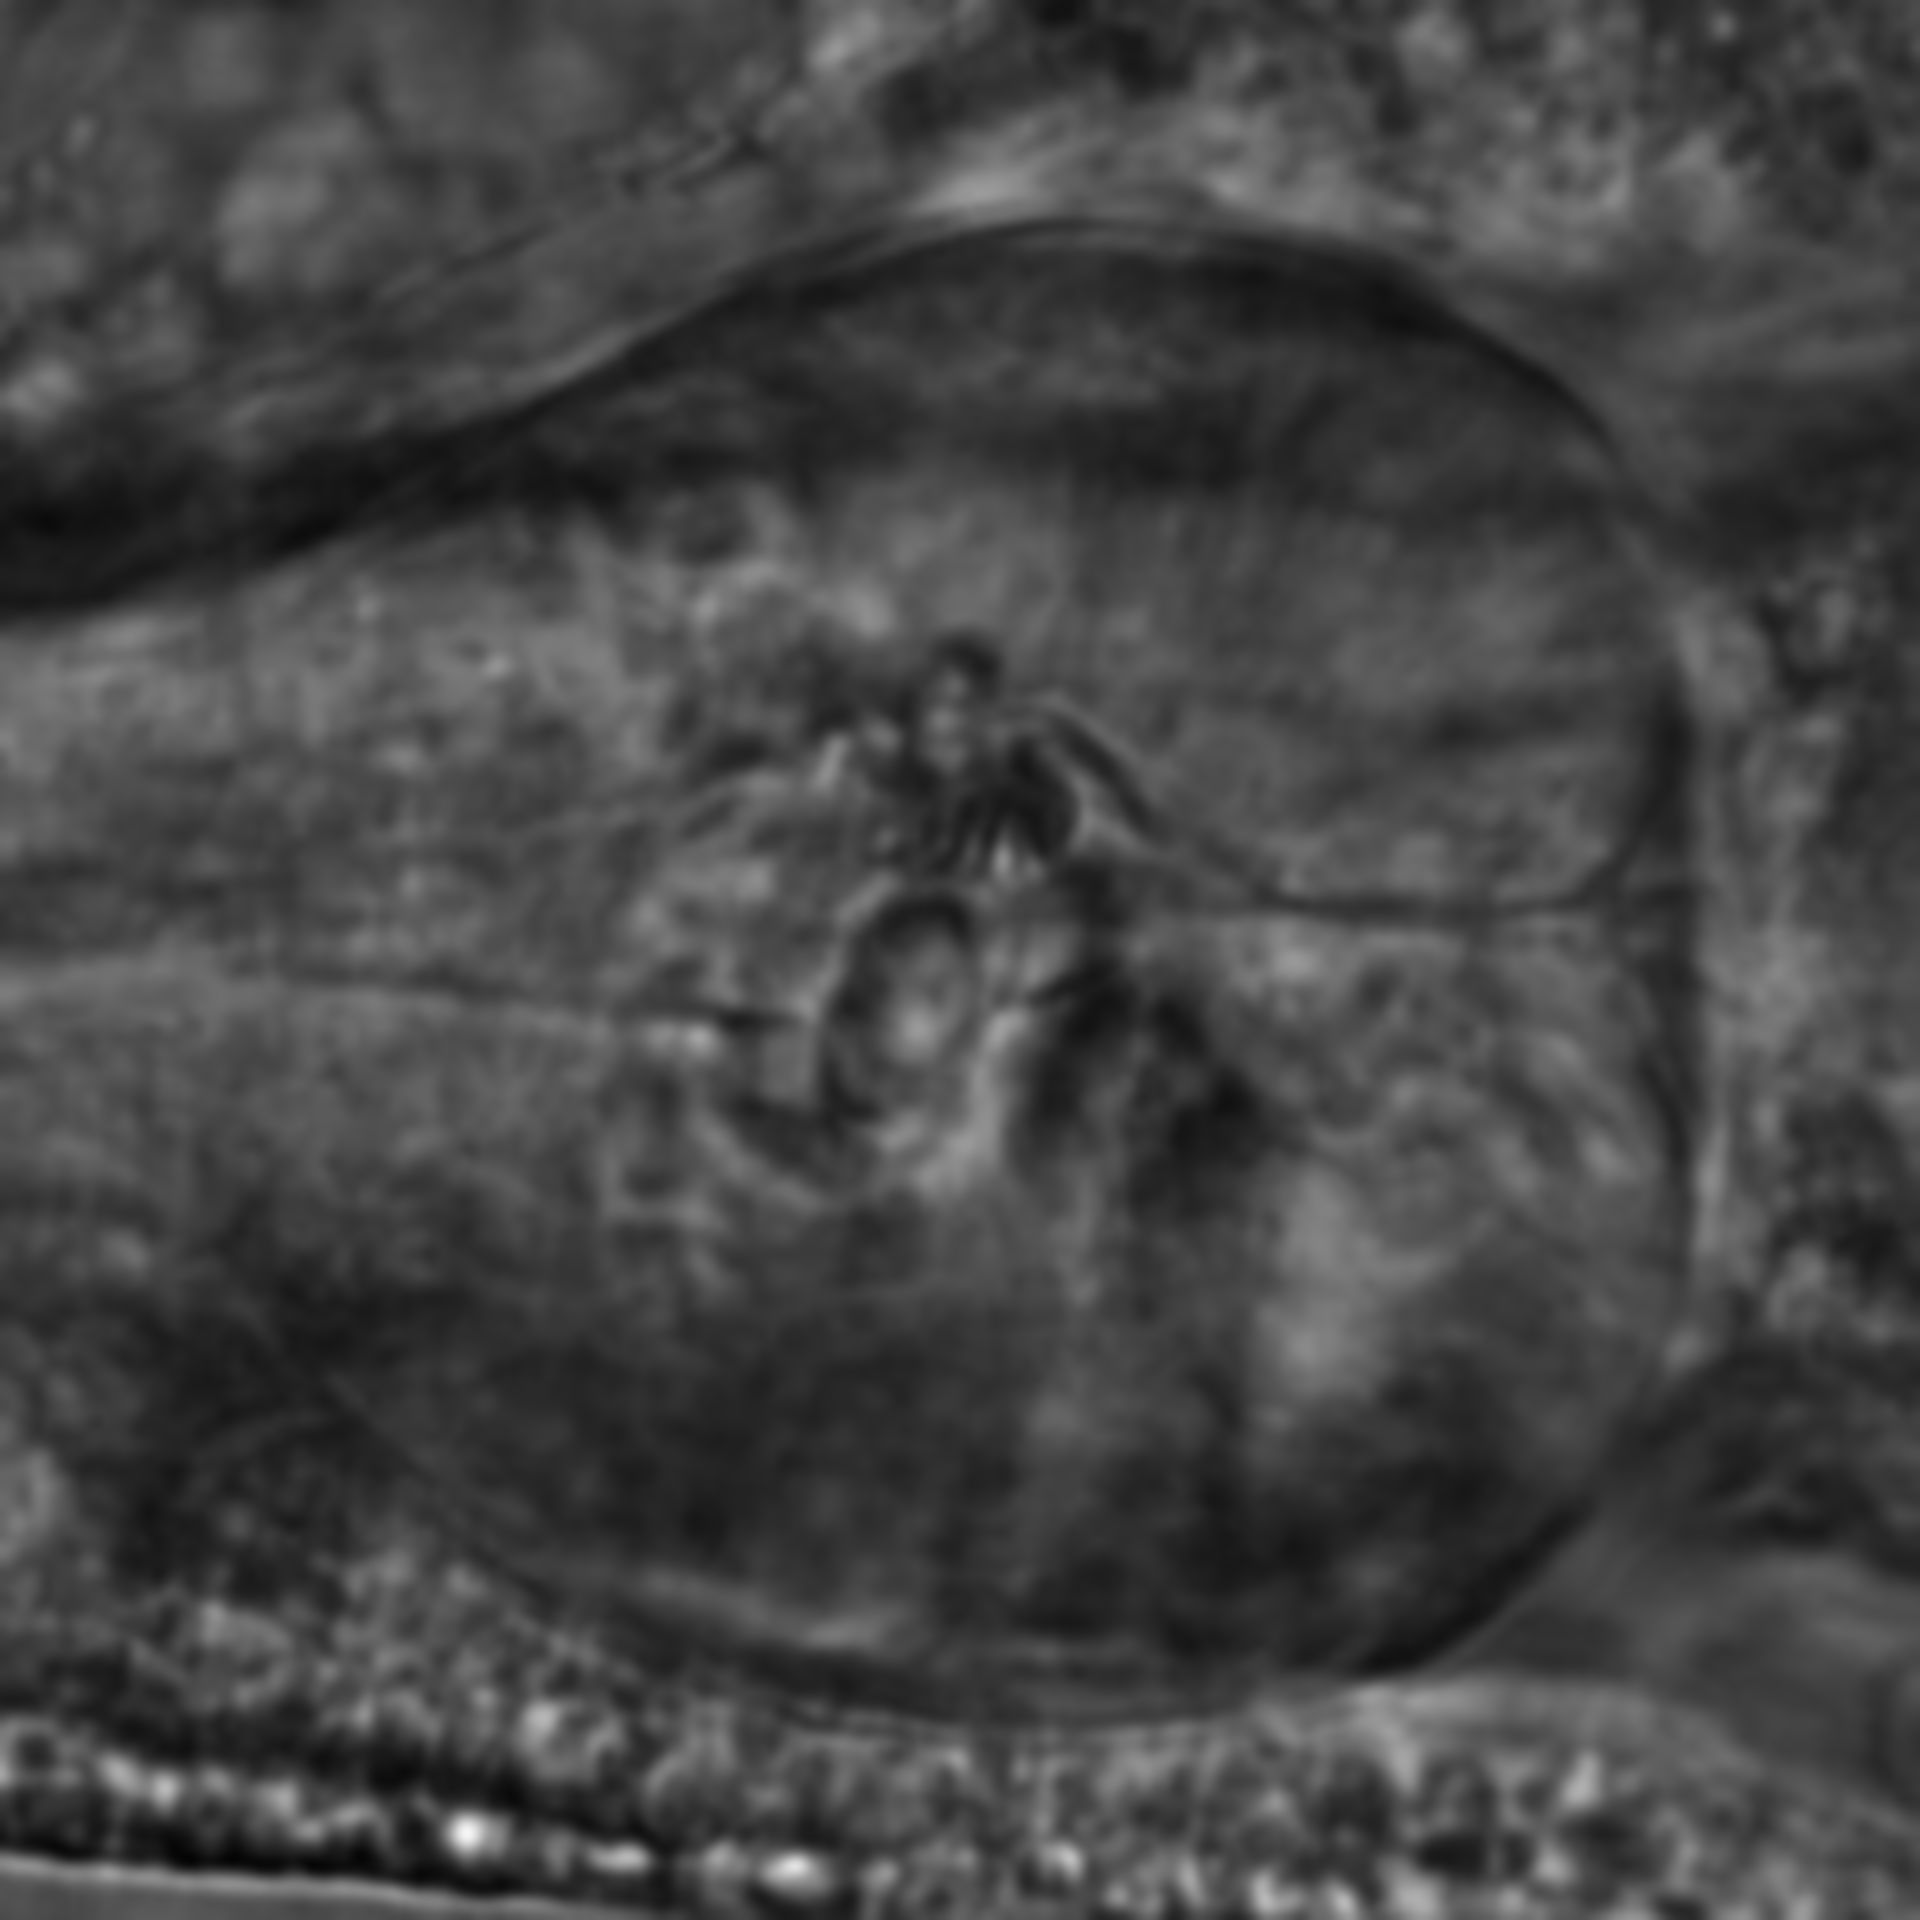 Caenorhabditis elegans - CIL:2770